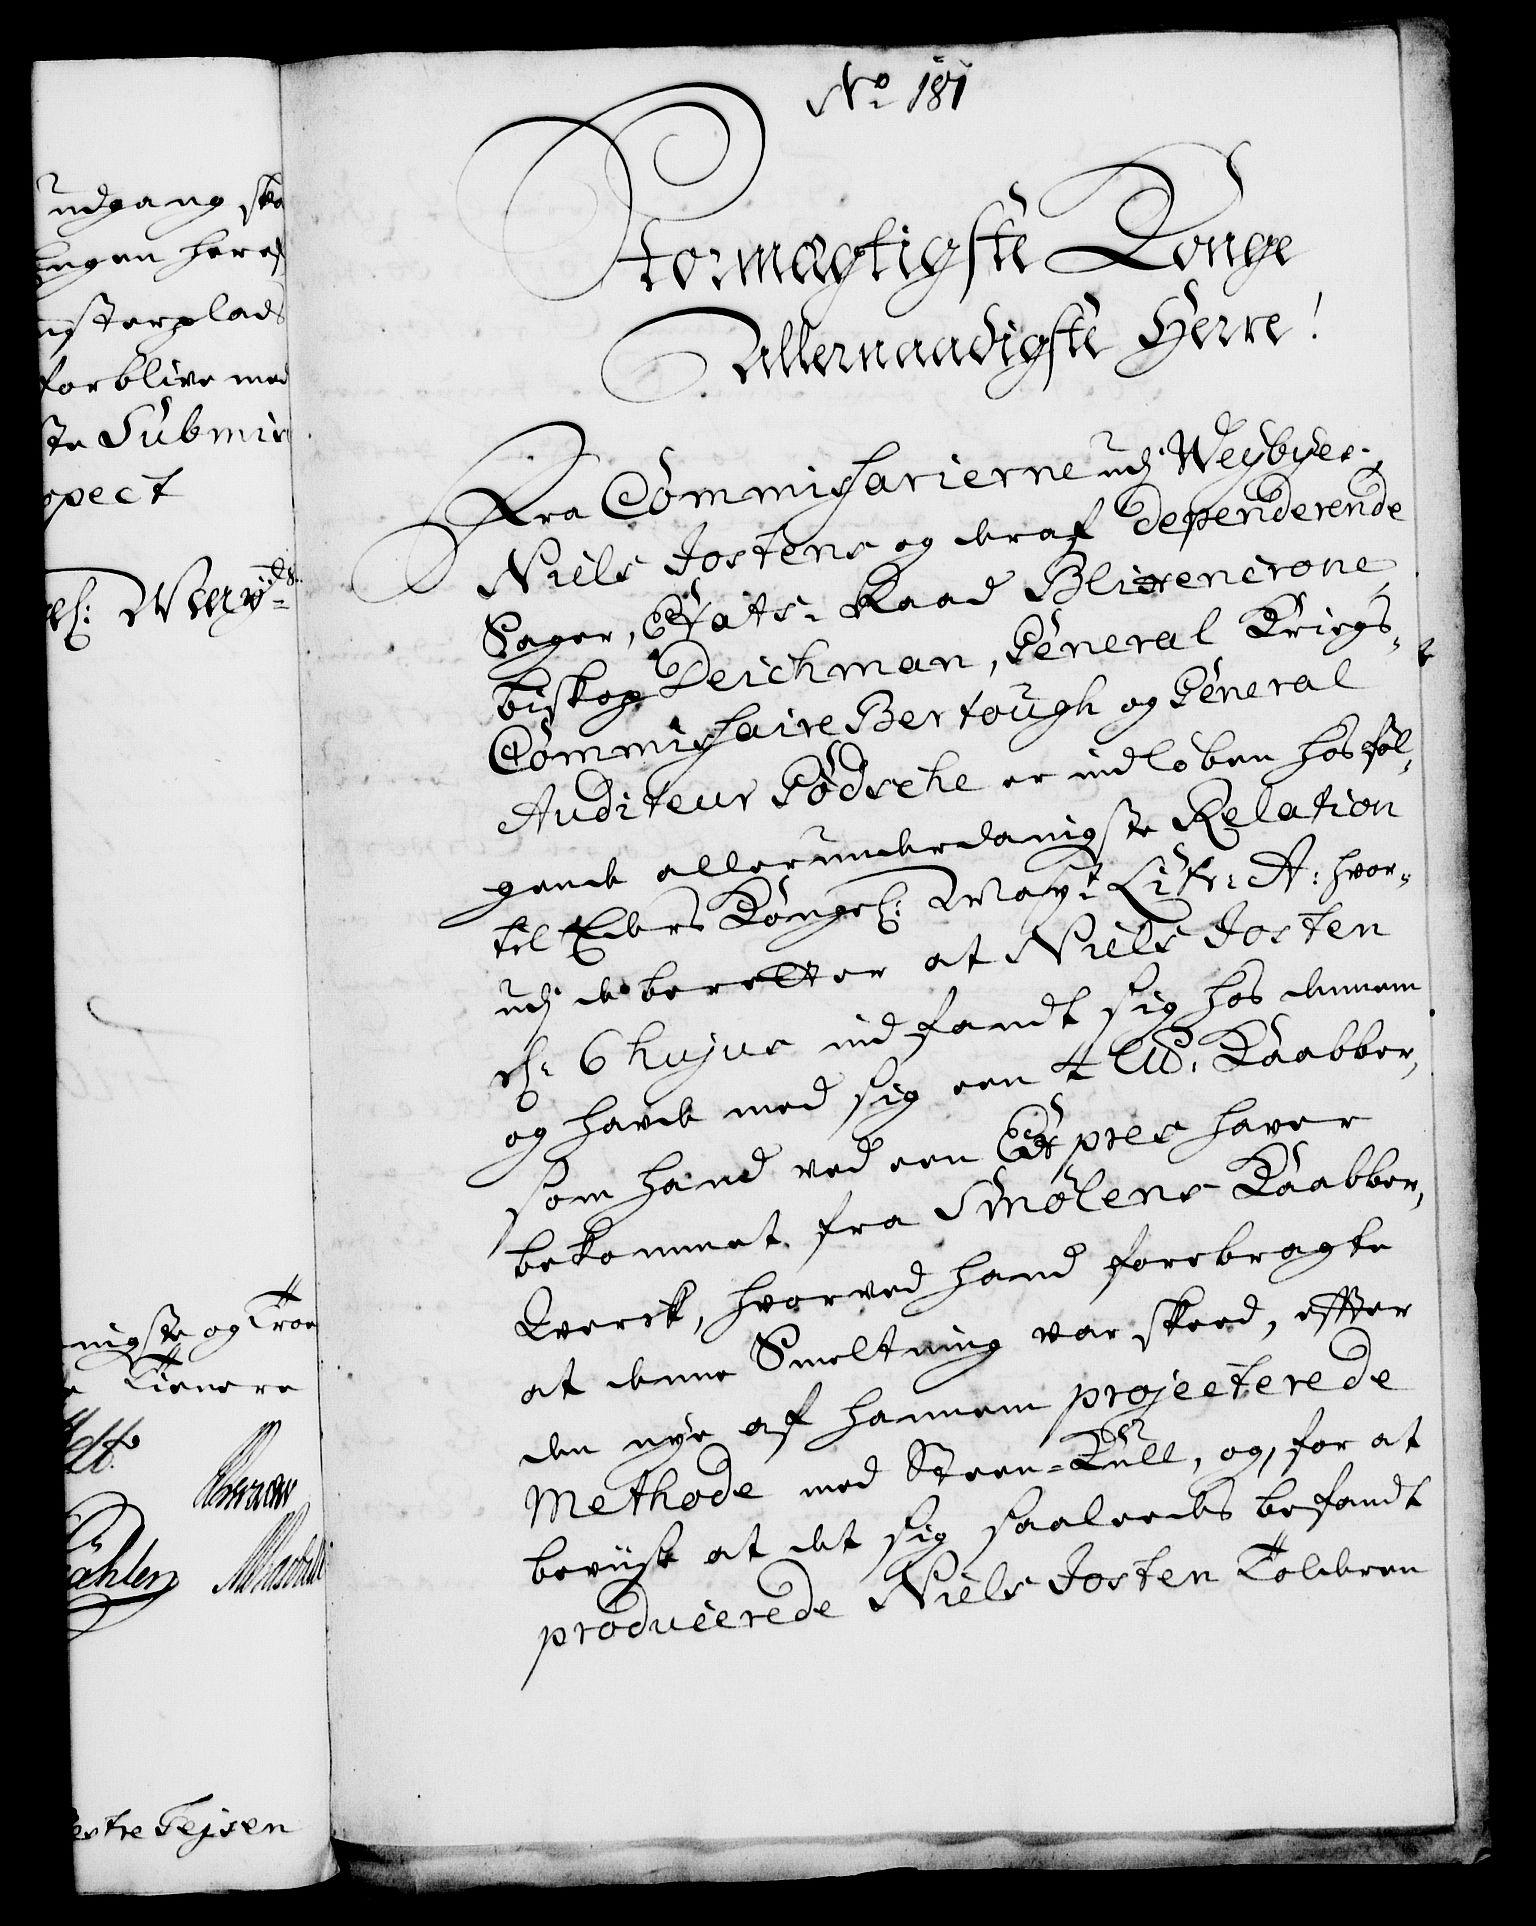 RA, Rentekammeret, Kammerkanselliet, G/Gf/Gfa/L0006: Norsk relasjons- og resolusjonsprotokoll (merket RK 52.6), 1723, s. 1097